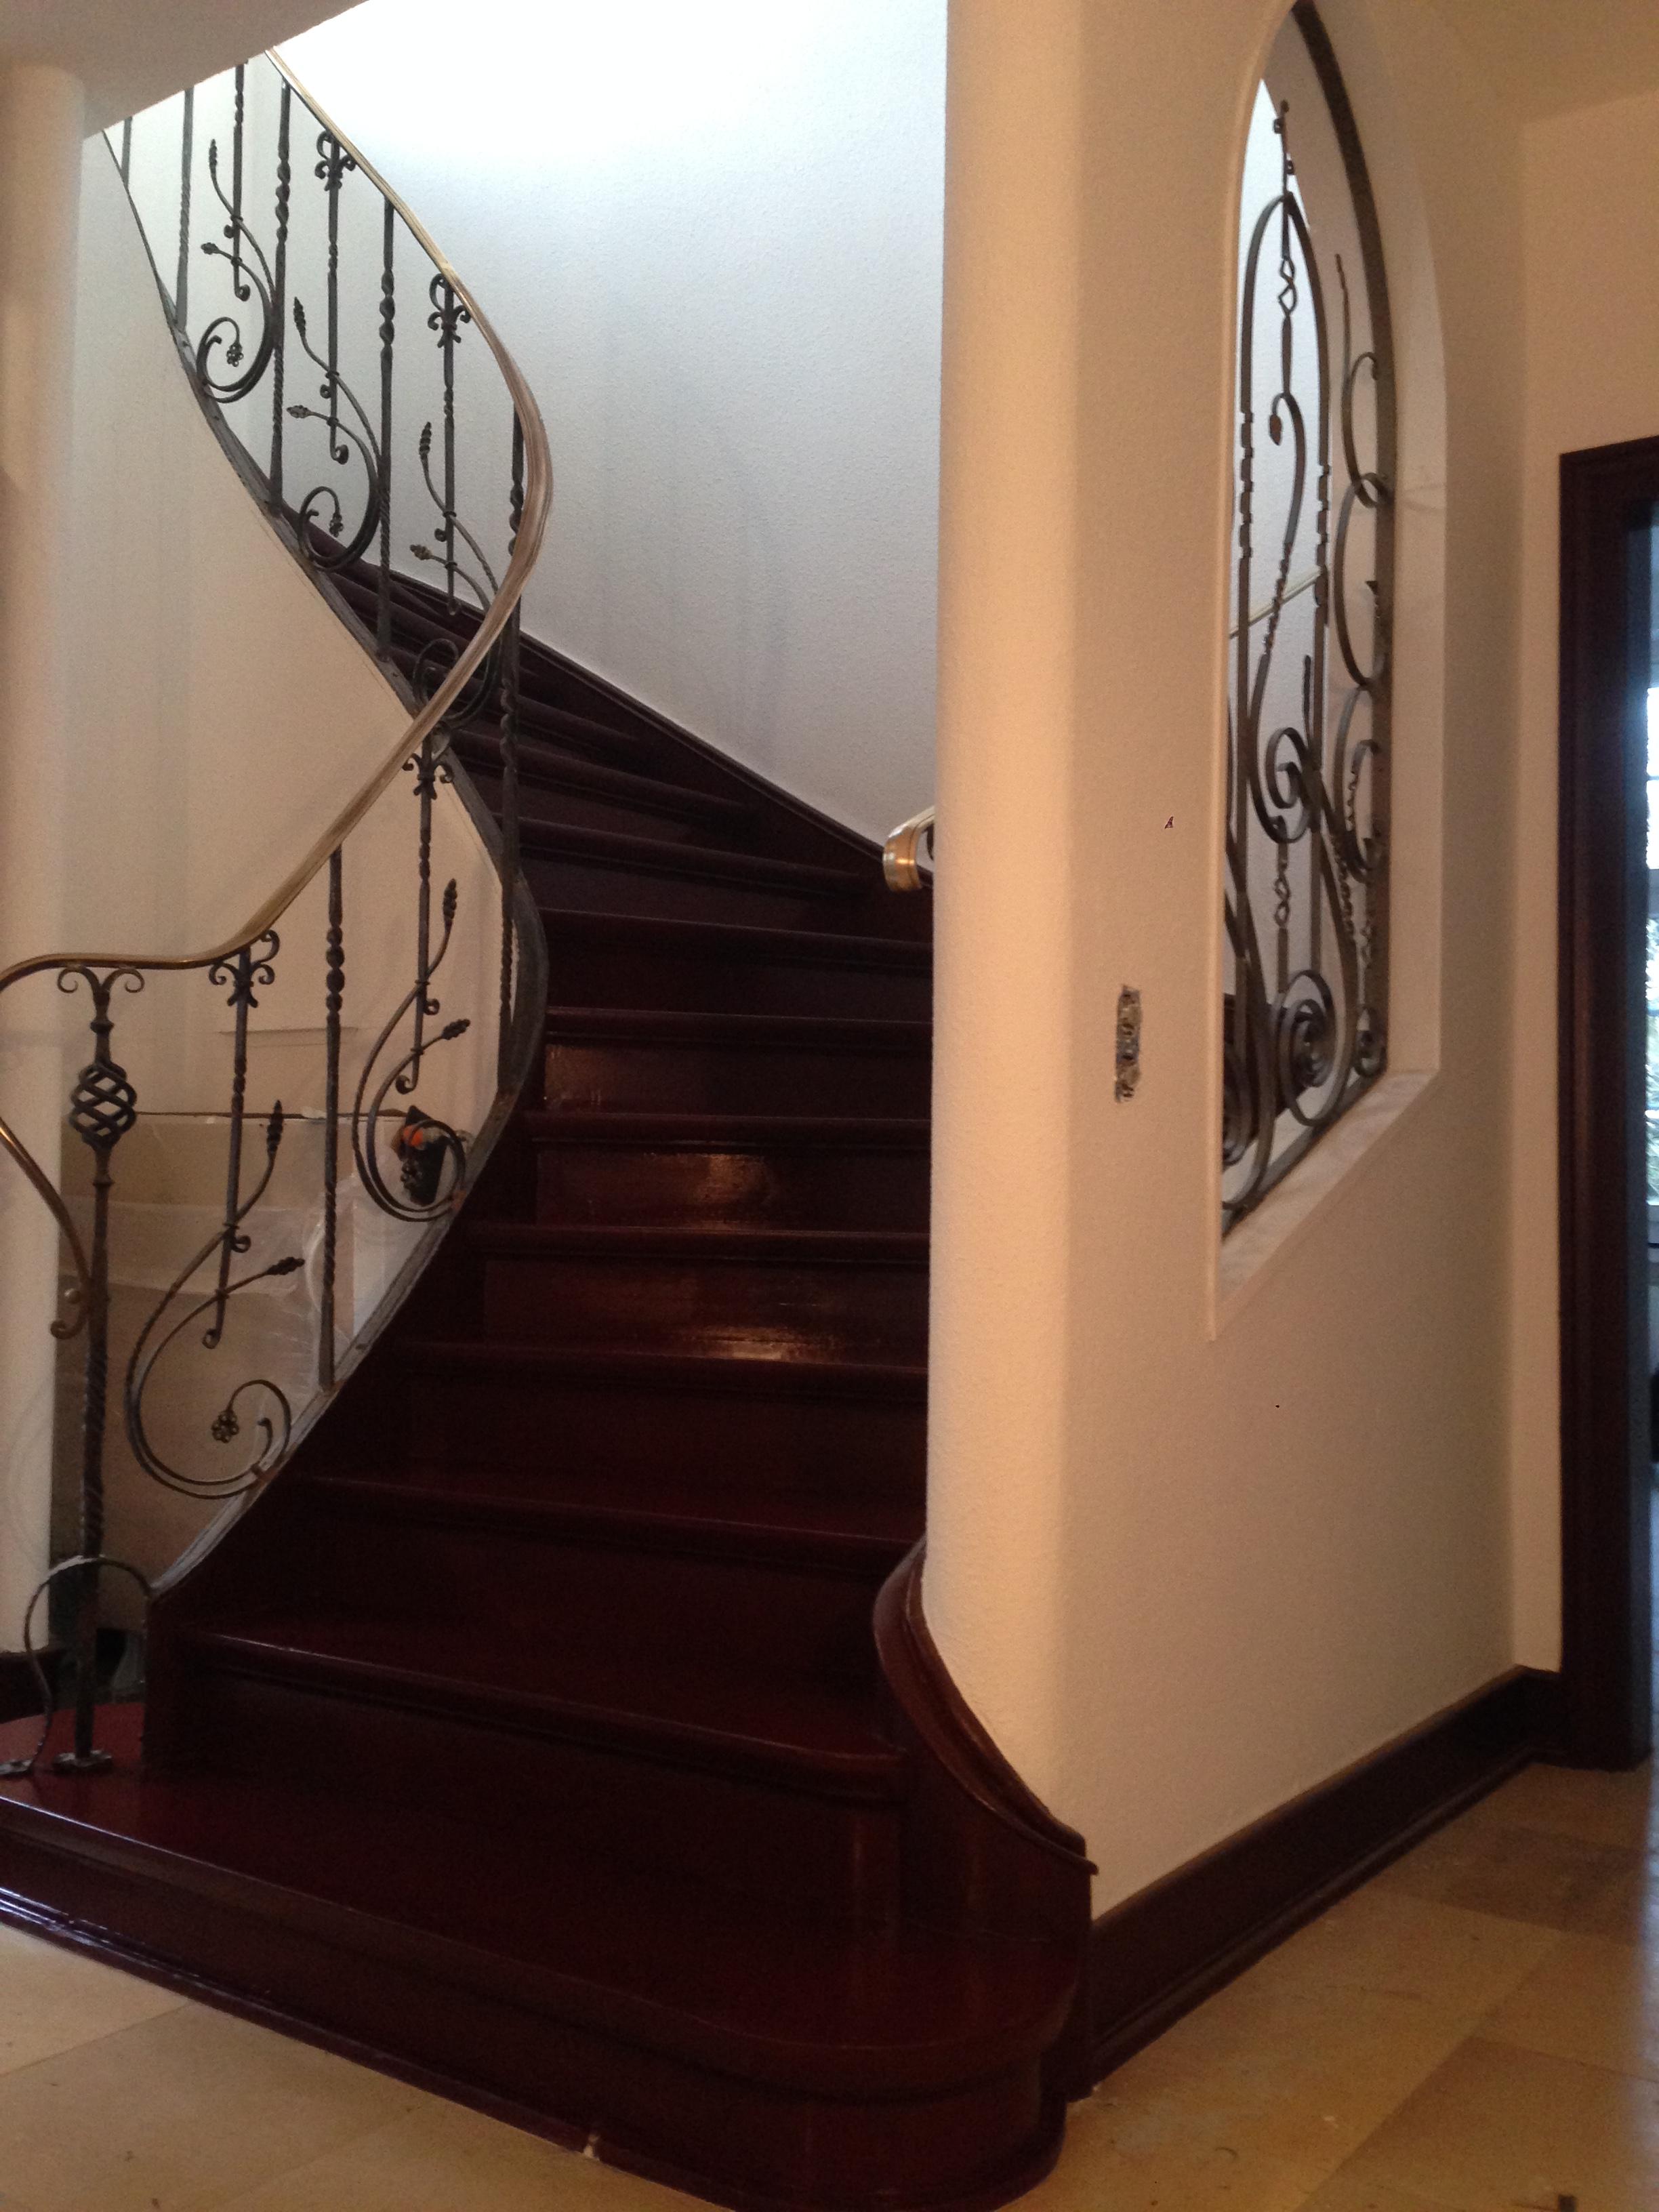 treppe und treppengeländer lackieren – armin lindenbeck, malermeister